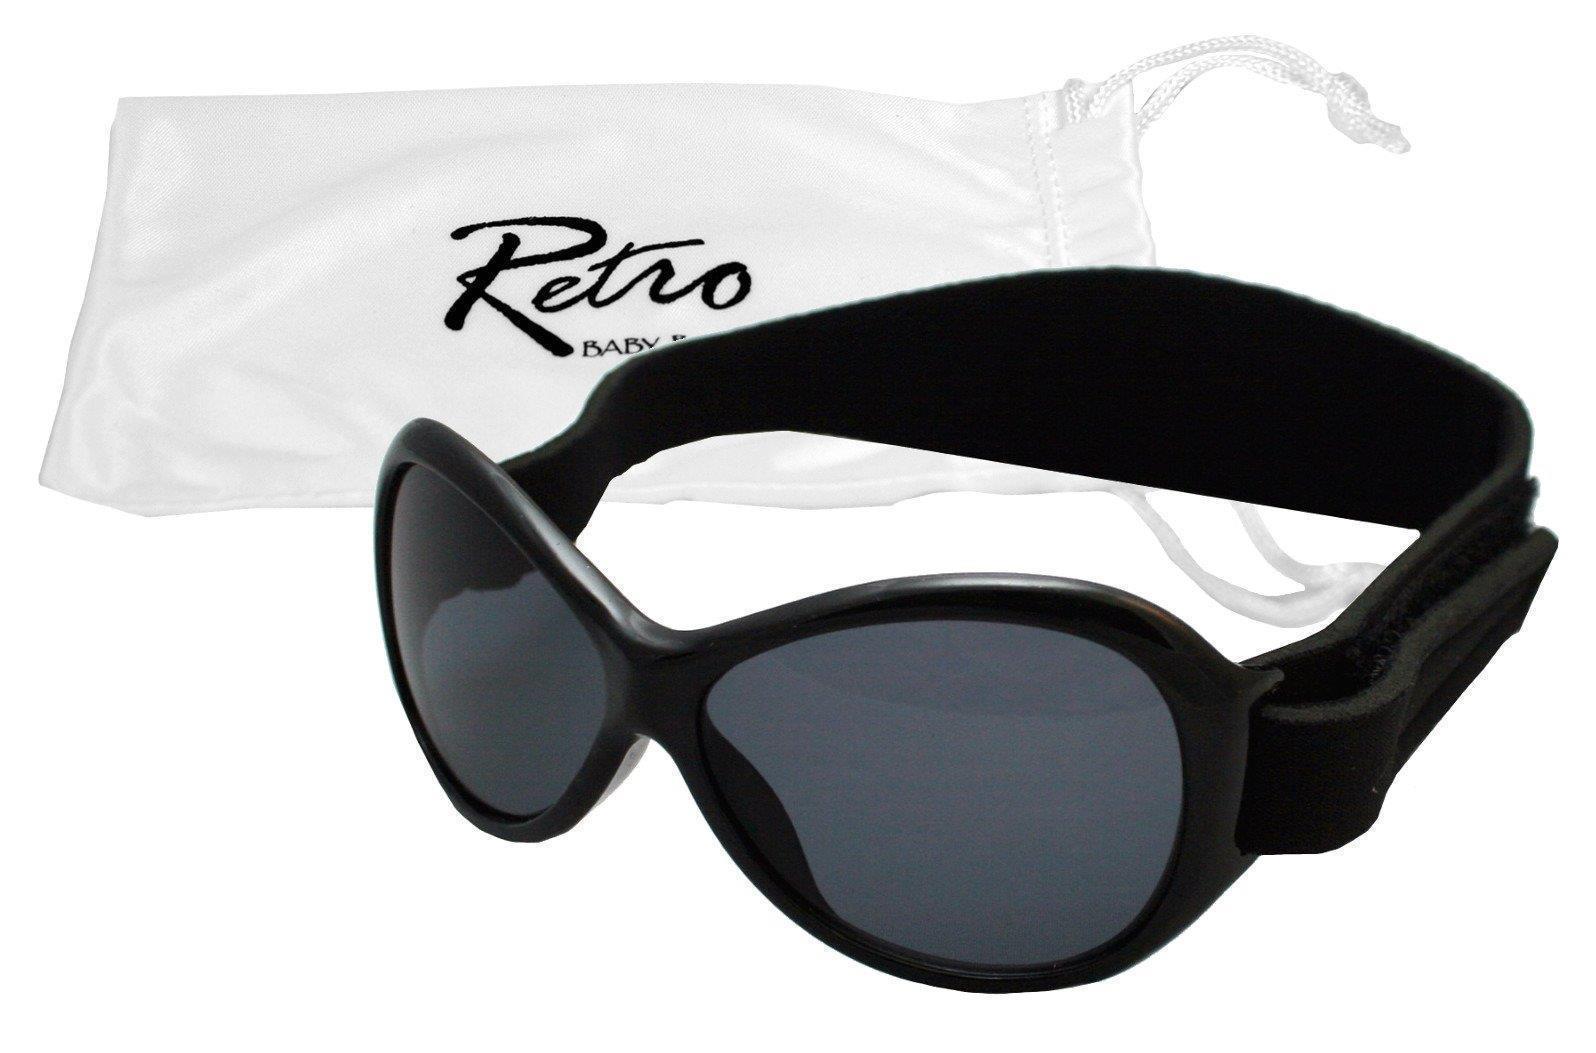 Okulary Przeciwsłoneczne Dla Dzieci 0 2 Lata Pasek Ceny i